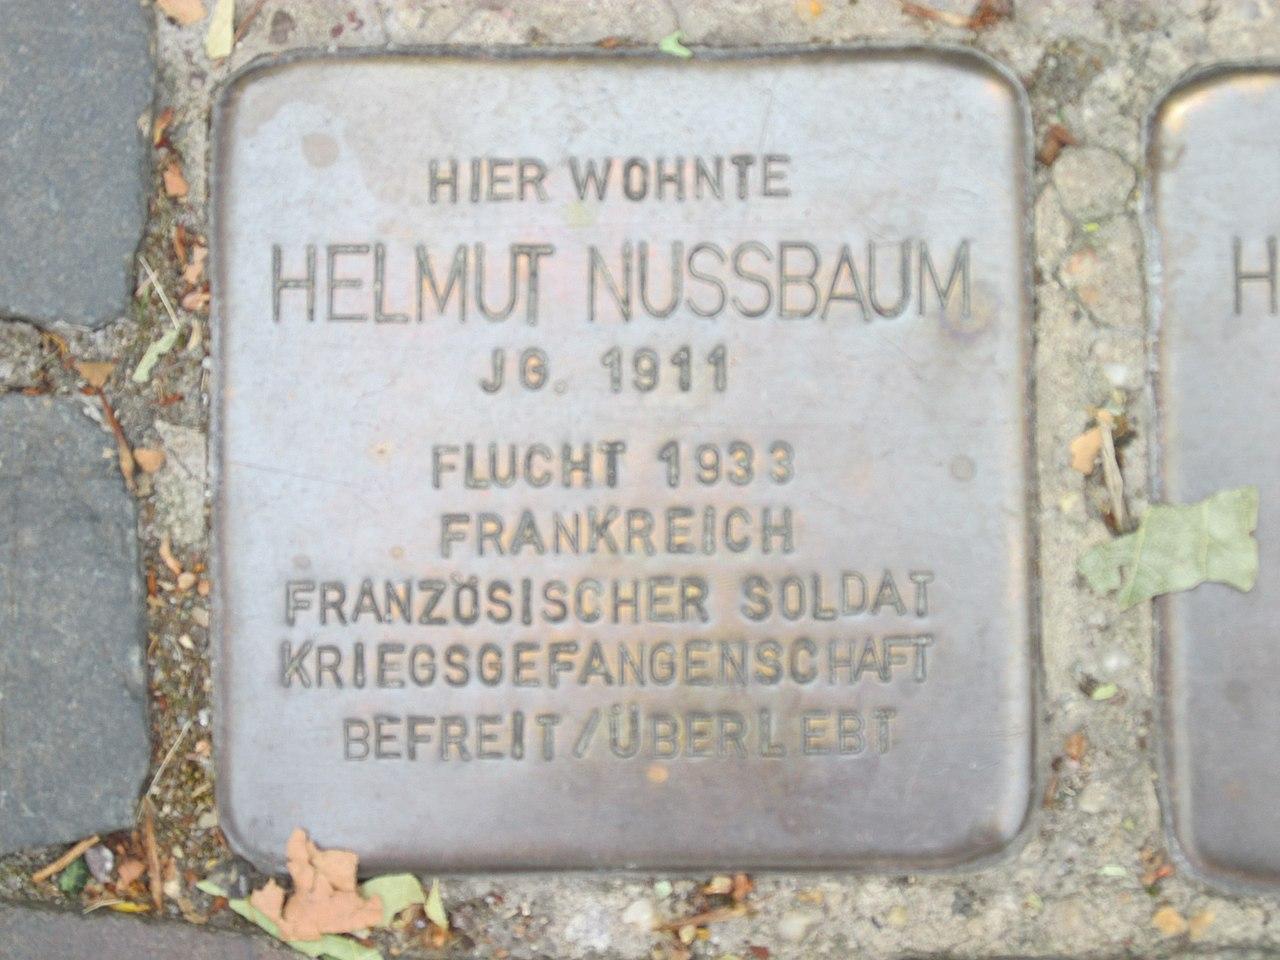 Stolperstein Helmut Nussbaum, 1, Burgstraße 40, Bitterfeld, Bitterfeld-Wolfen, Landkreis Anhalt-Bitterfeld.jpg